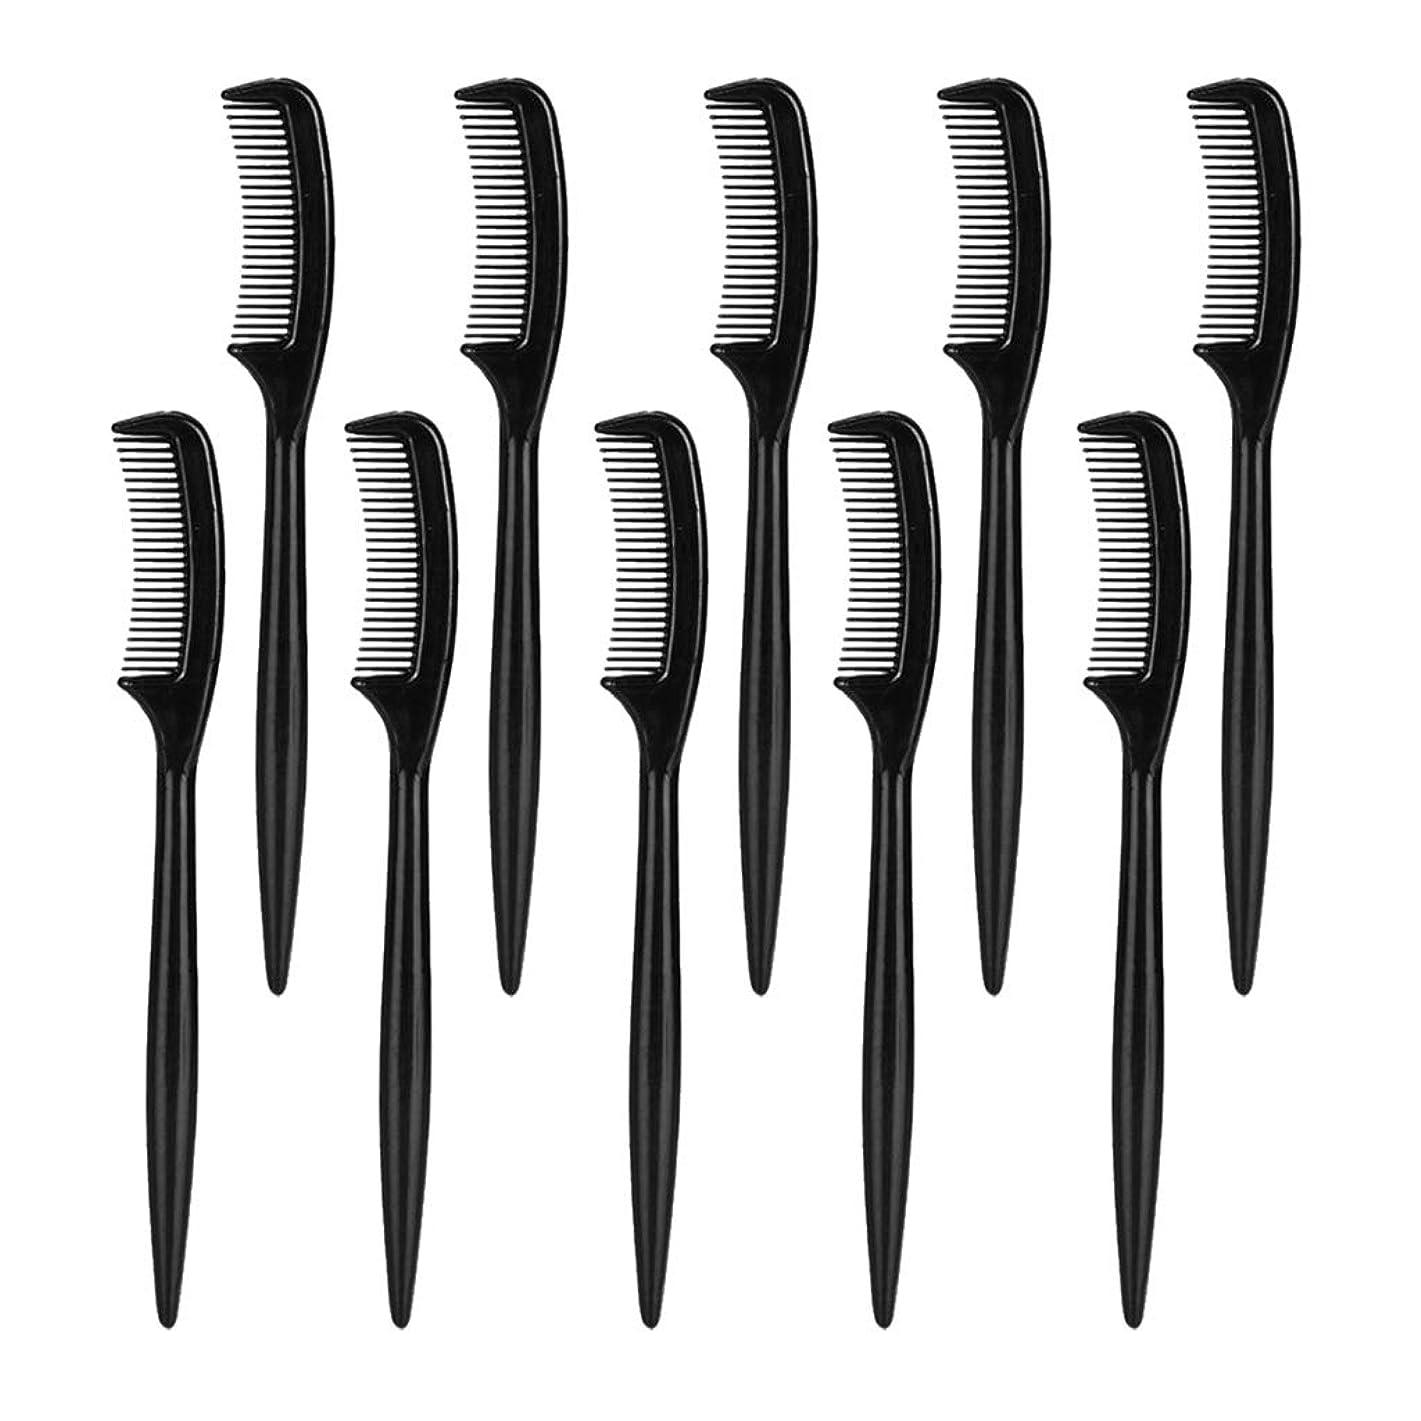 精神医学恨み徹底的に美容院の家の使用のための10部分のまつげ眉毛の使い捨て可能な櫛のブラシ